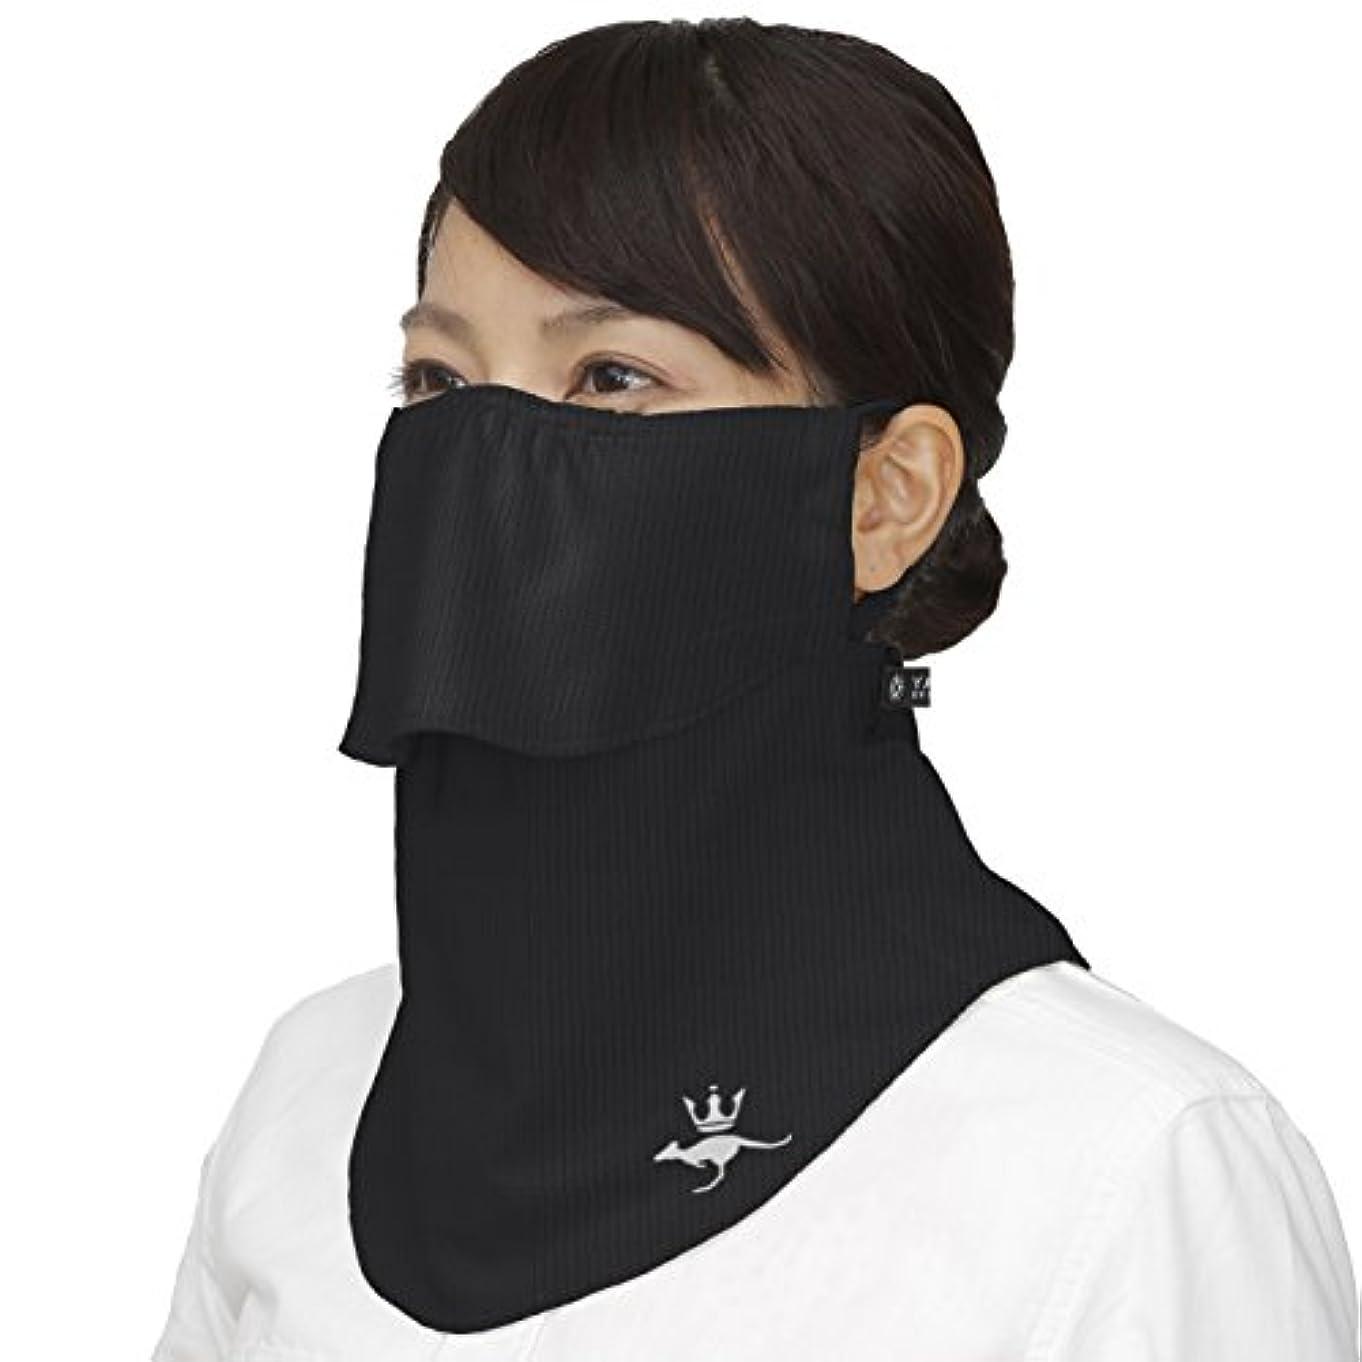 永久インセンティブ書誌(シンプソン)Simpson 息苦しくない 紫外線防止 レディース 日焼け防止 UVカット フェイスマスク フェイスカバー STA-M02